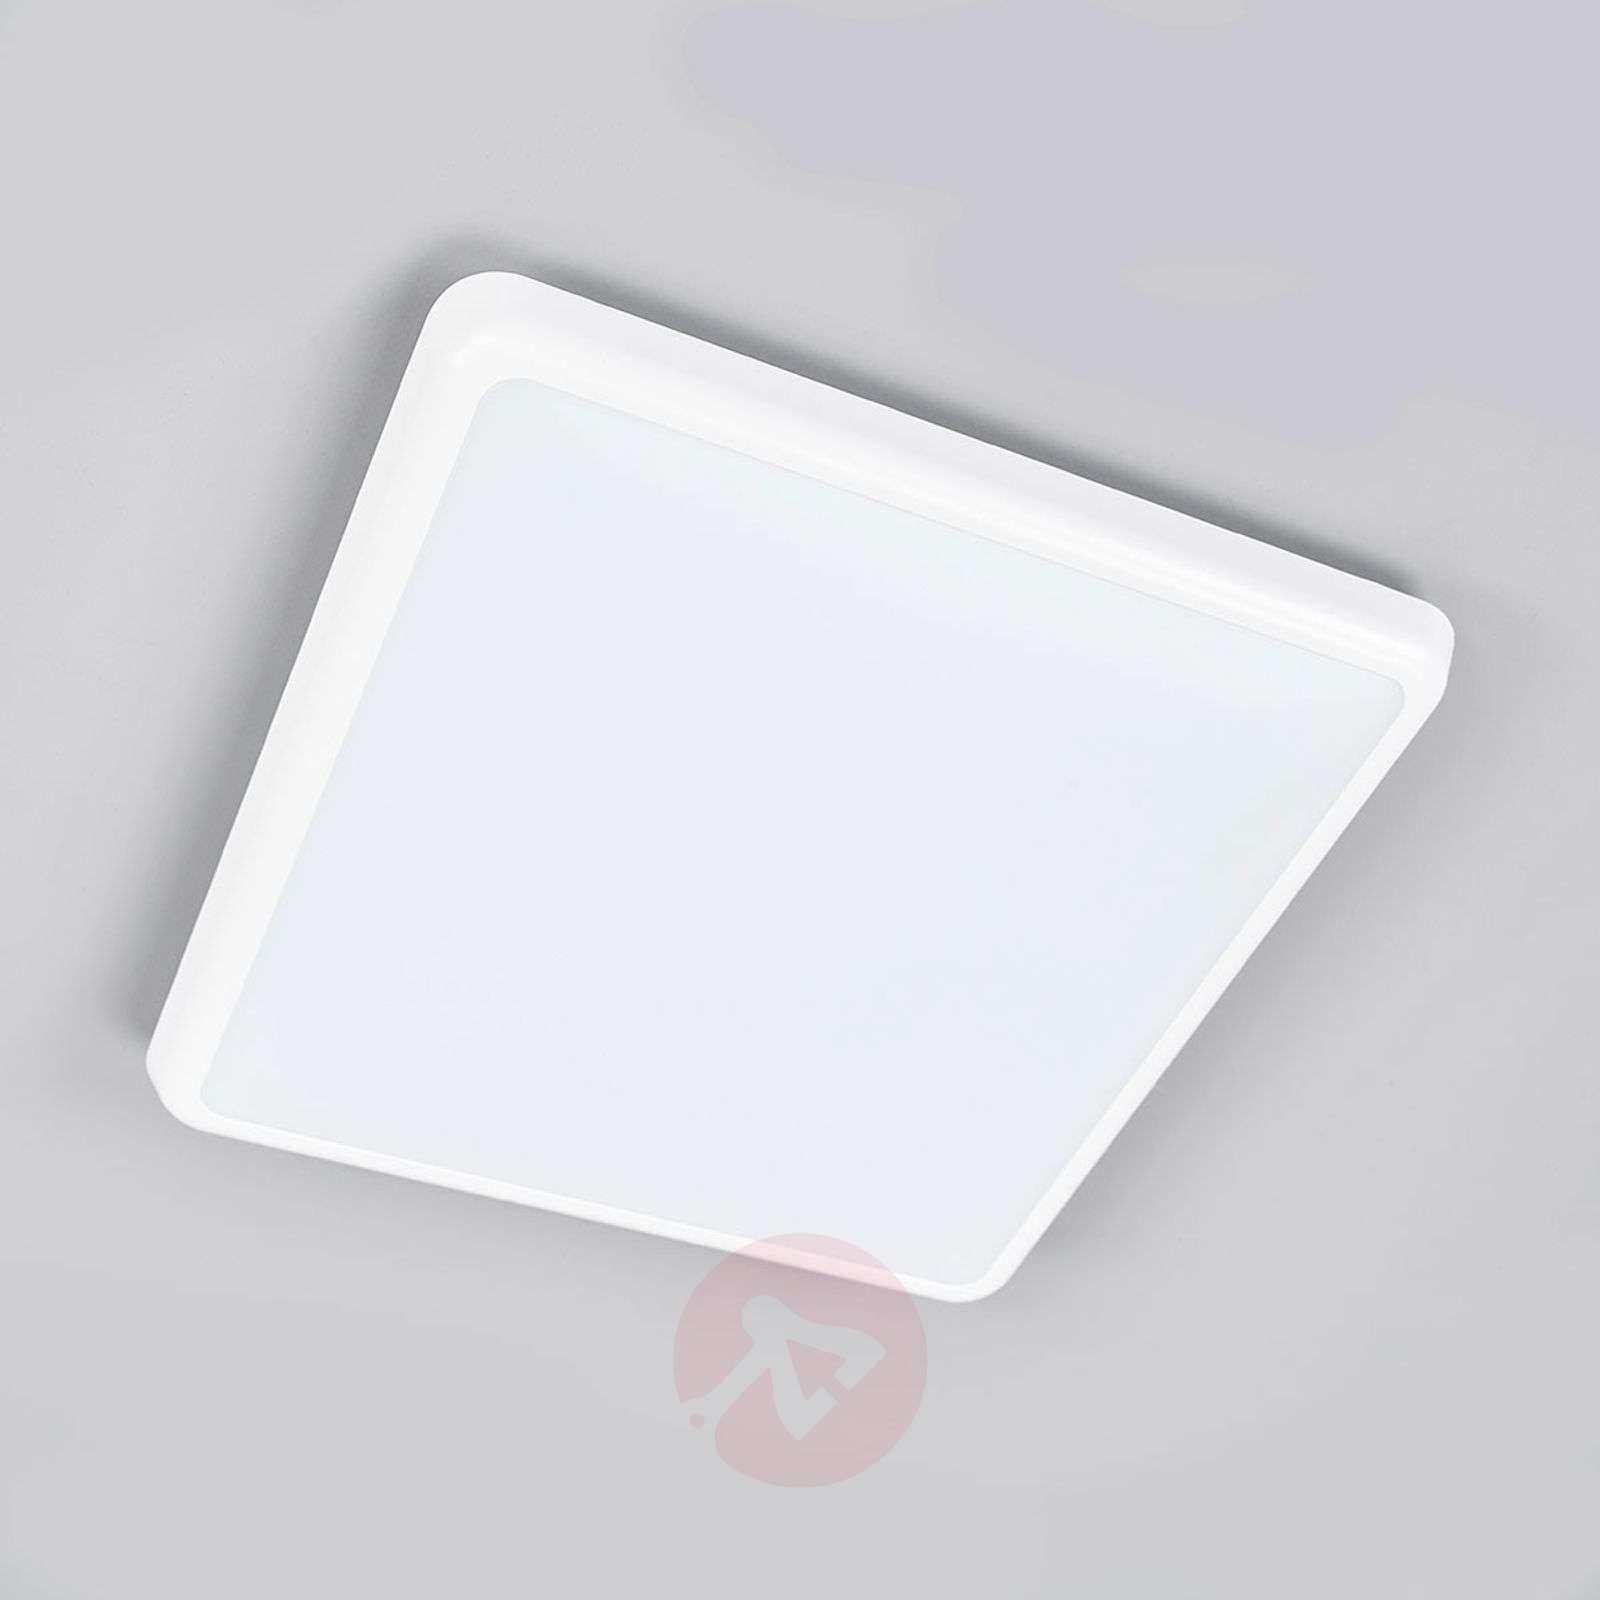 Pelkistetty kattovalaisin Augustin, LED, IP54-9967011-012